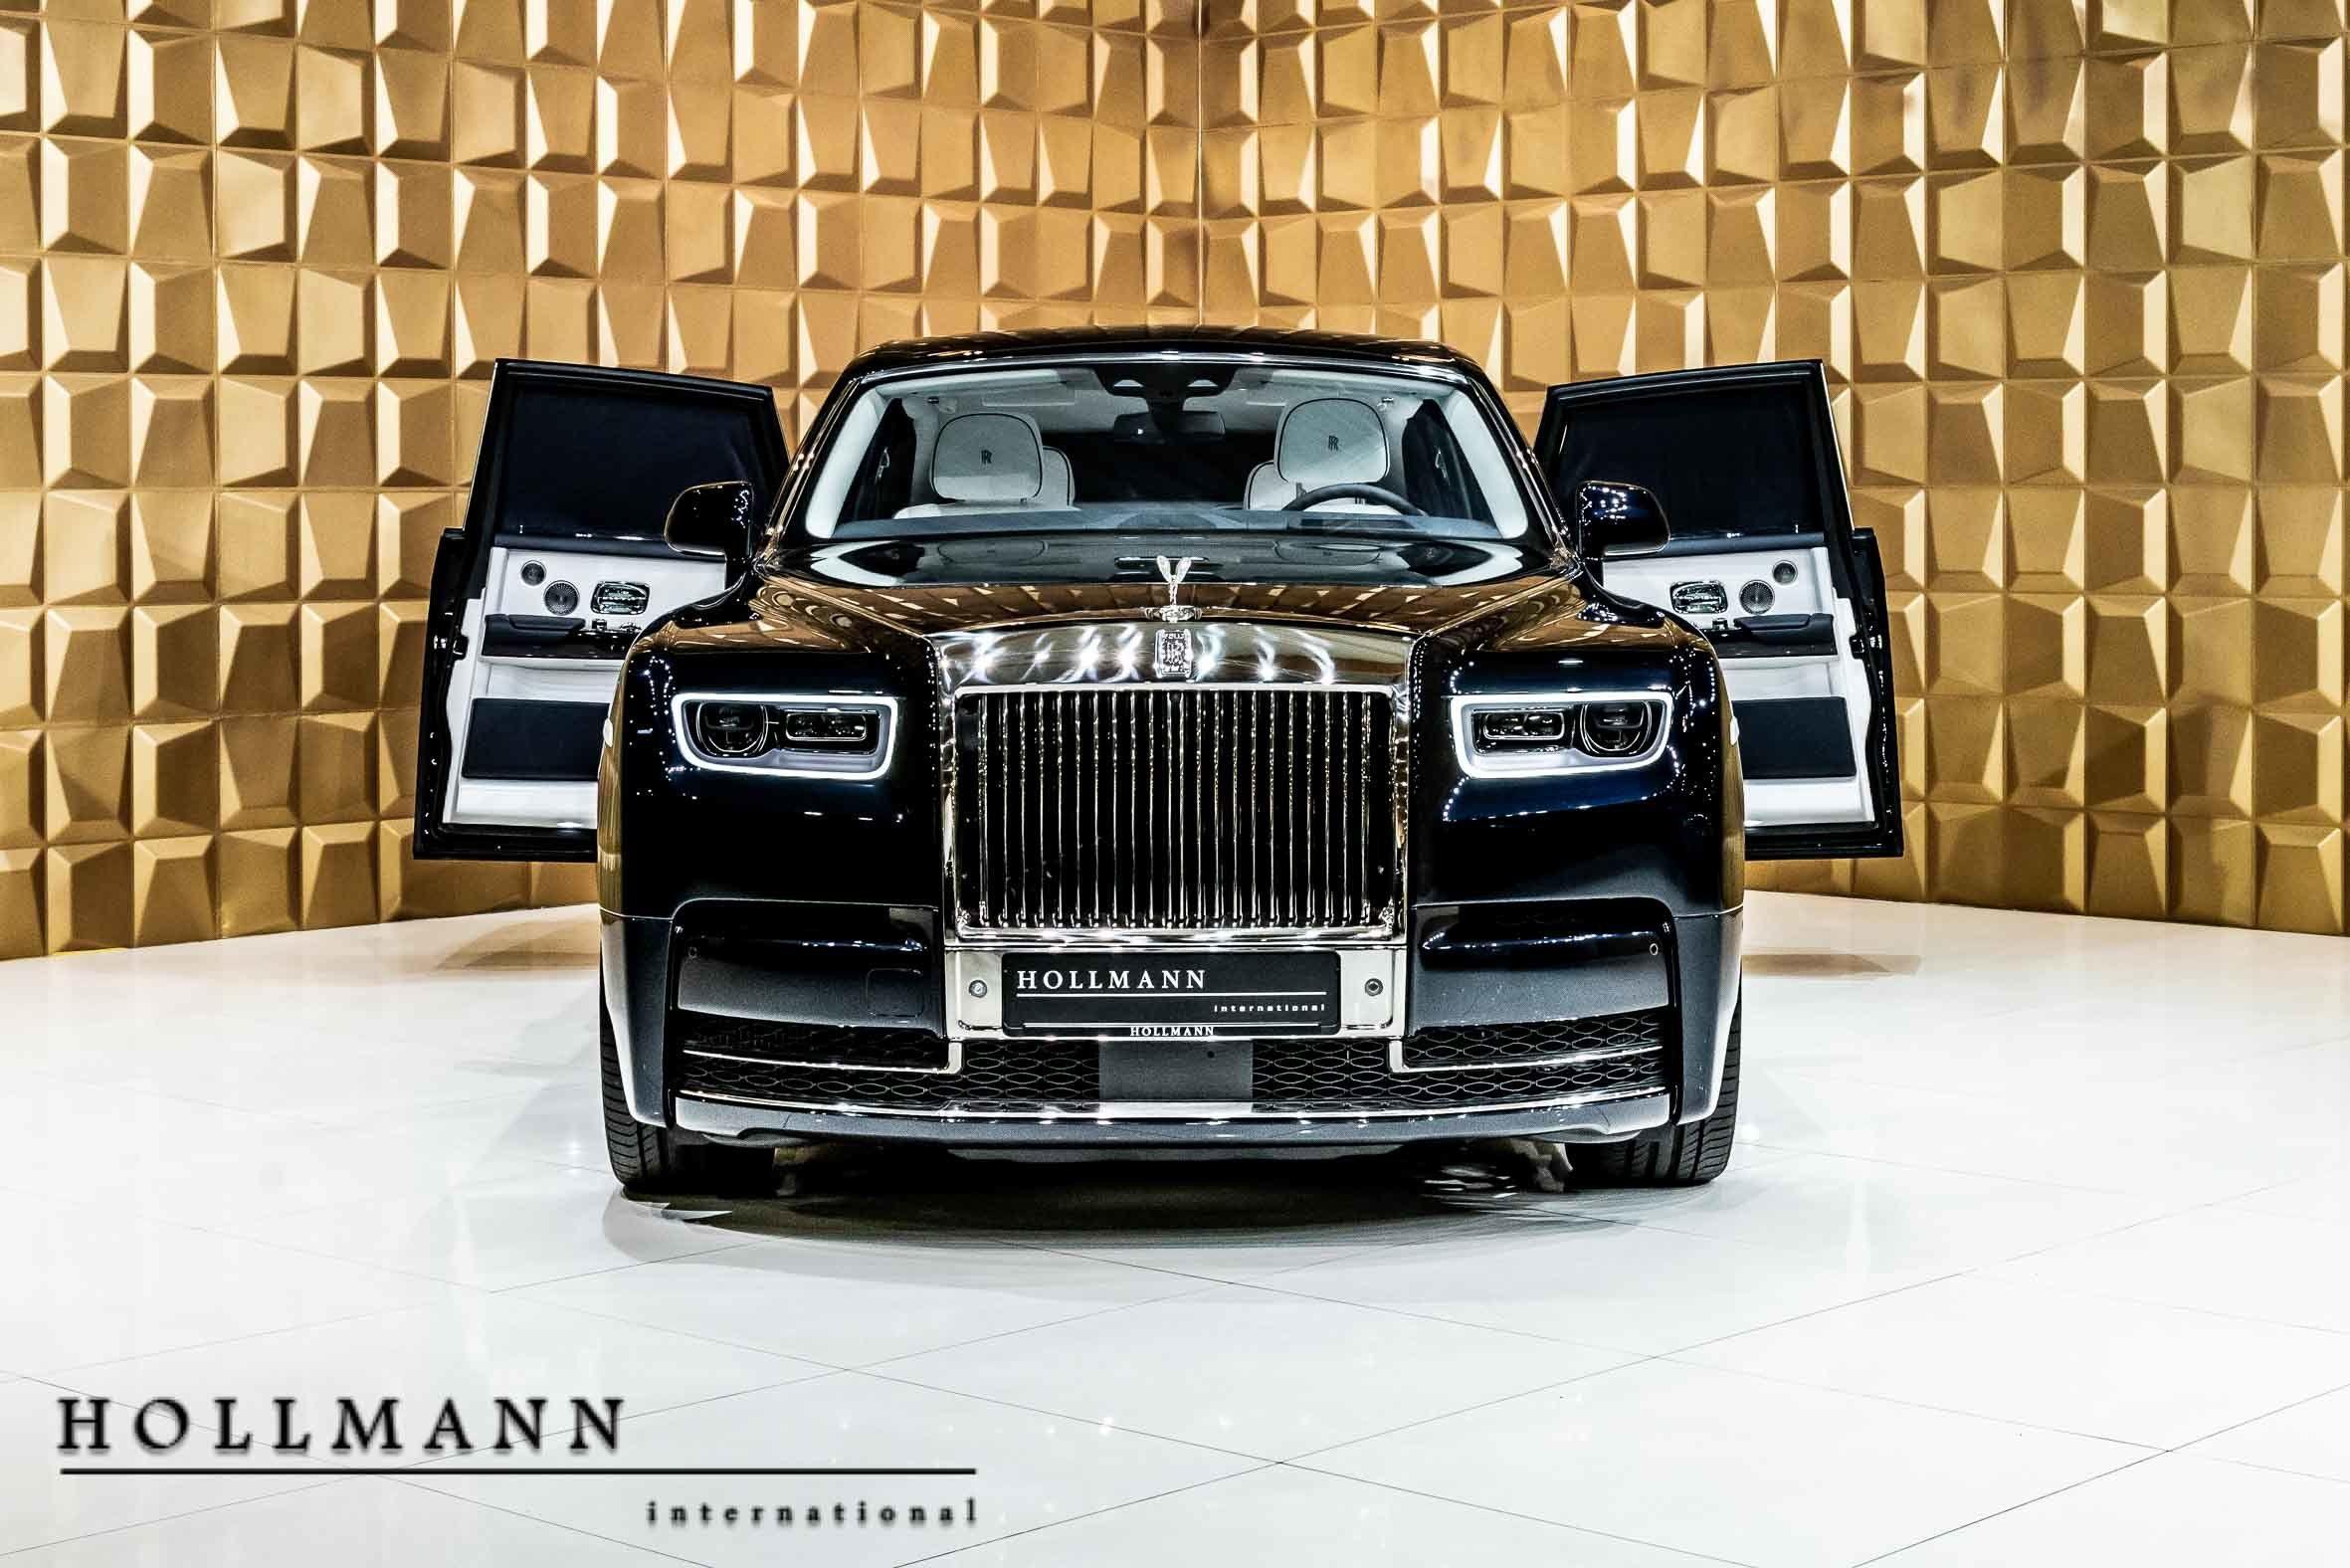 Rolls Royce Phantom Viii Luxury Pulse Cars Germany For Sale On Luxurypulse Rolls Royce Phantom Luxury Cars Rolls Royce Rolls Royce